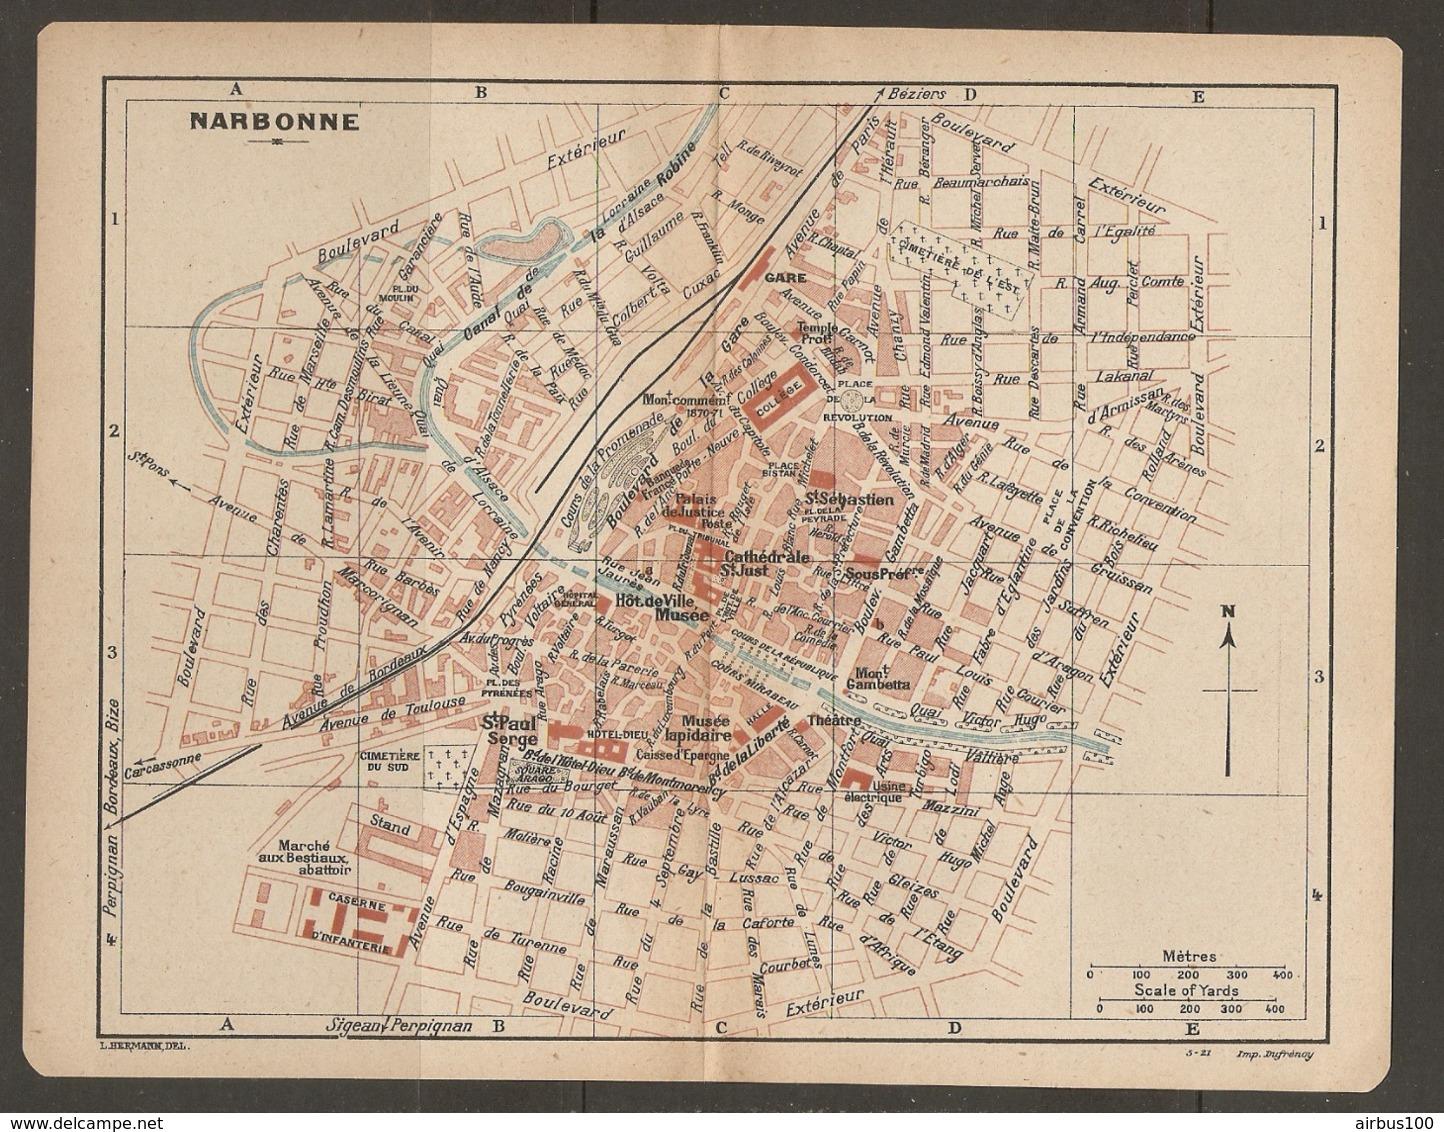 CARTE PLAN 1921 - NARBONNE BOULEVARD EXTERIEUR MARCHE Aux BESTIAUX CASERNE D'INFANTERIE MUSEE LAPIDAIRE - Mapas Topográficas